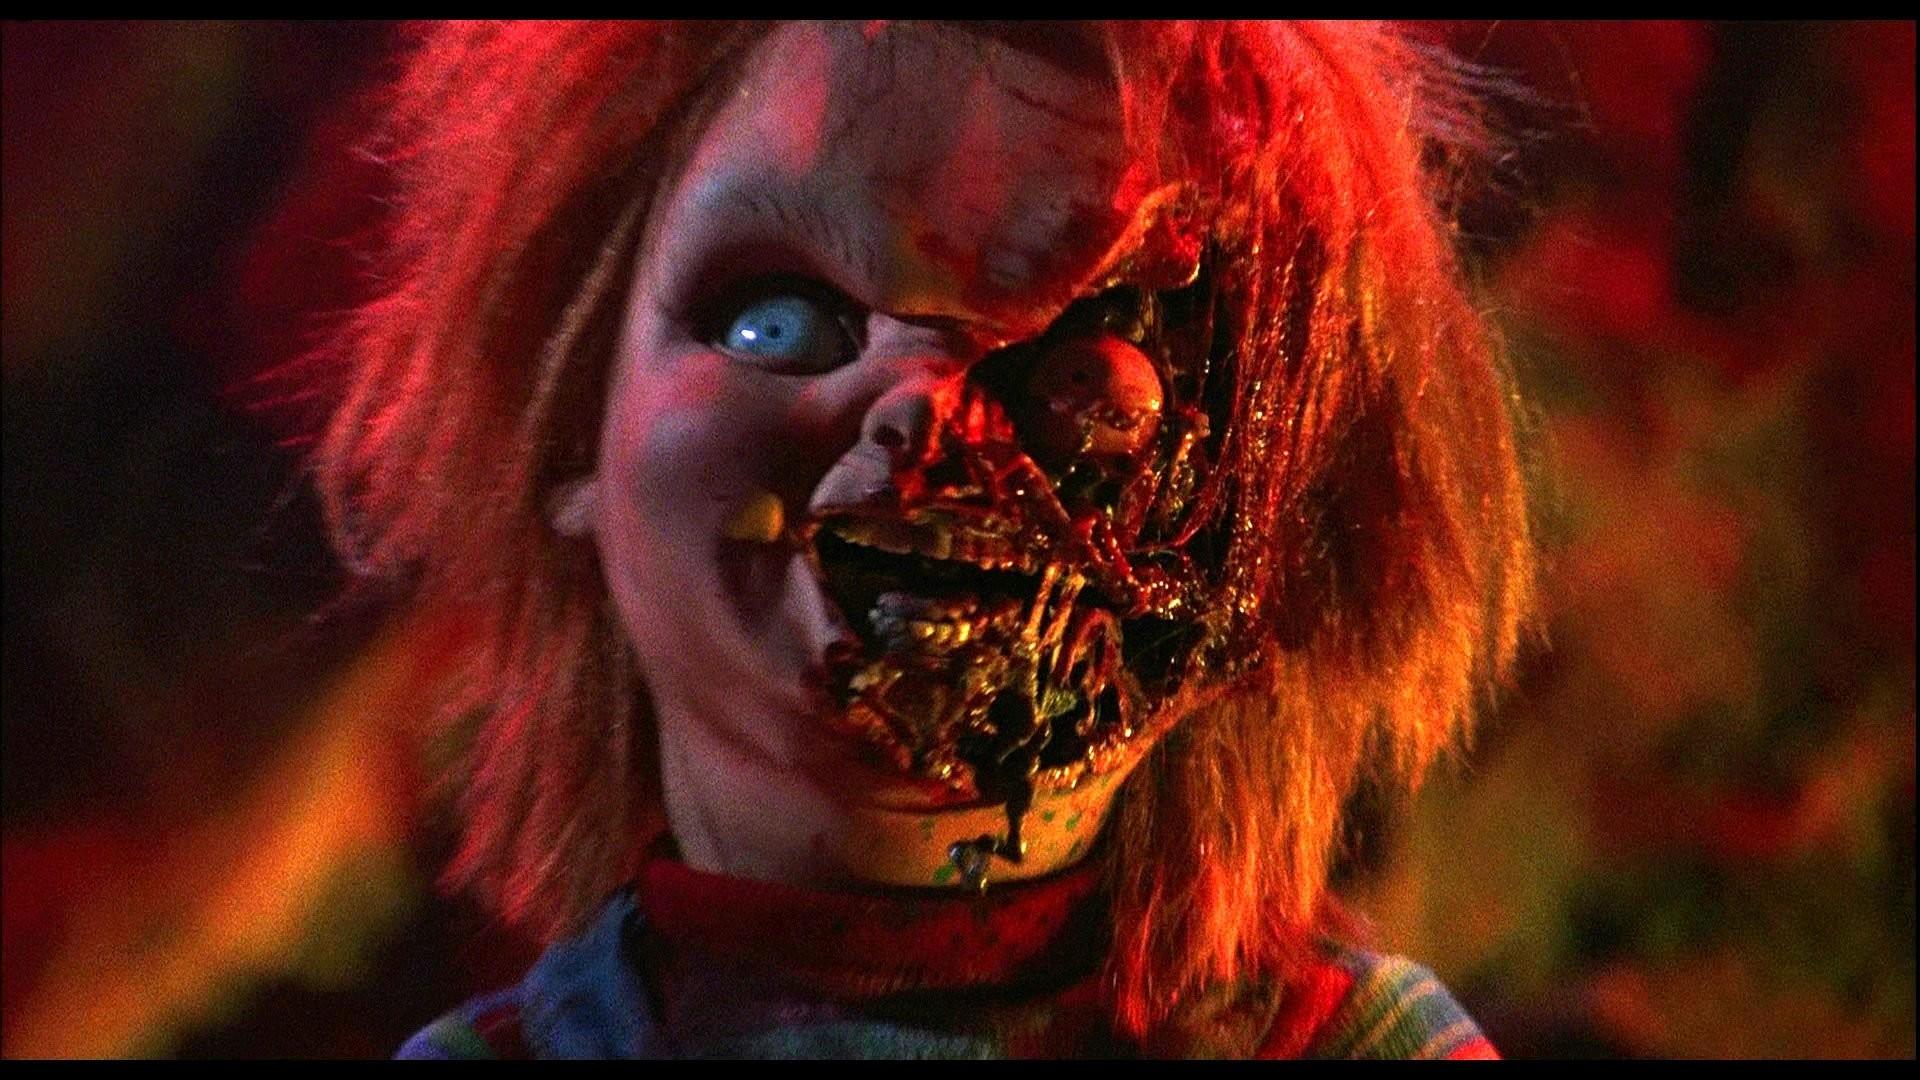 Play Chucky Dark Horror Creepy Scary 35 Wallpaper Background   HD .